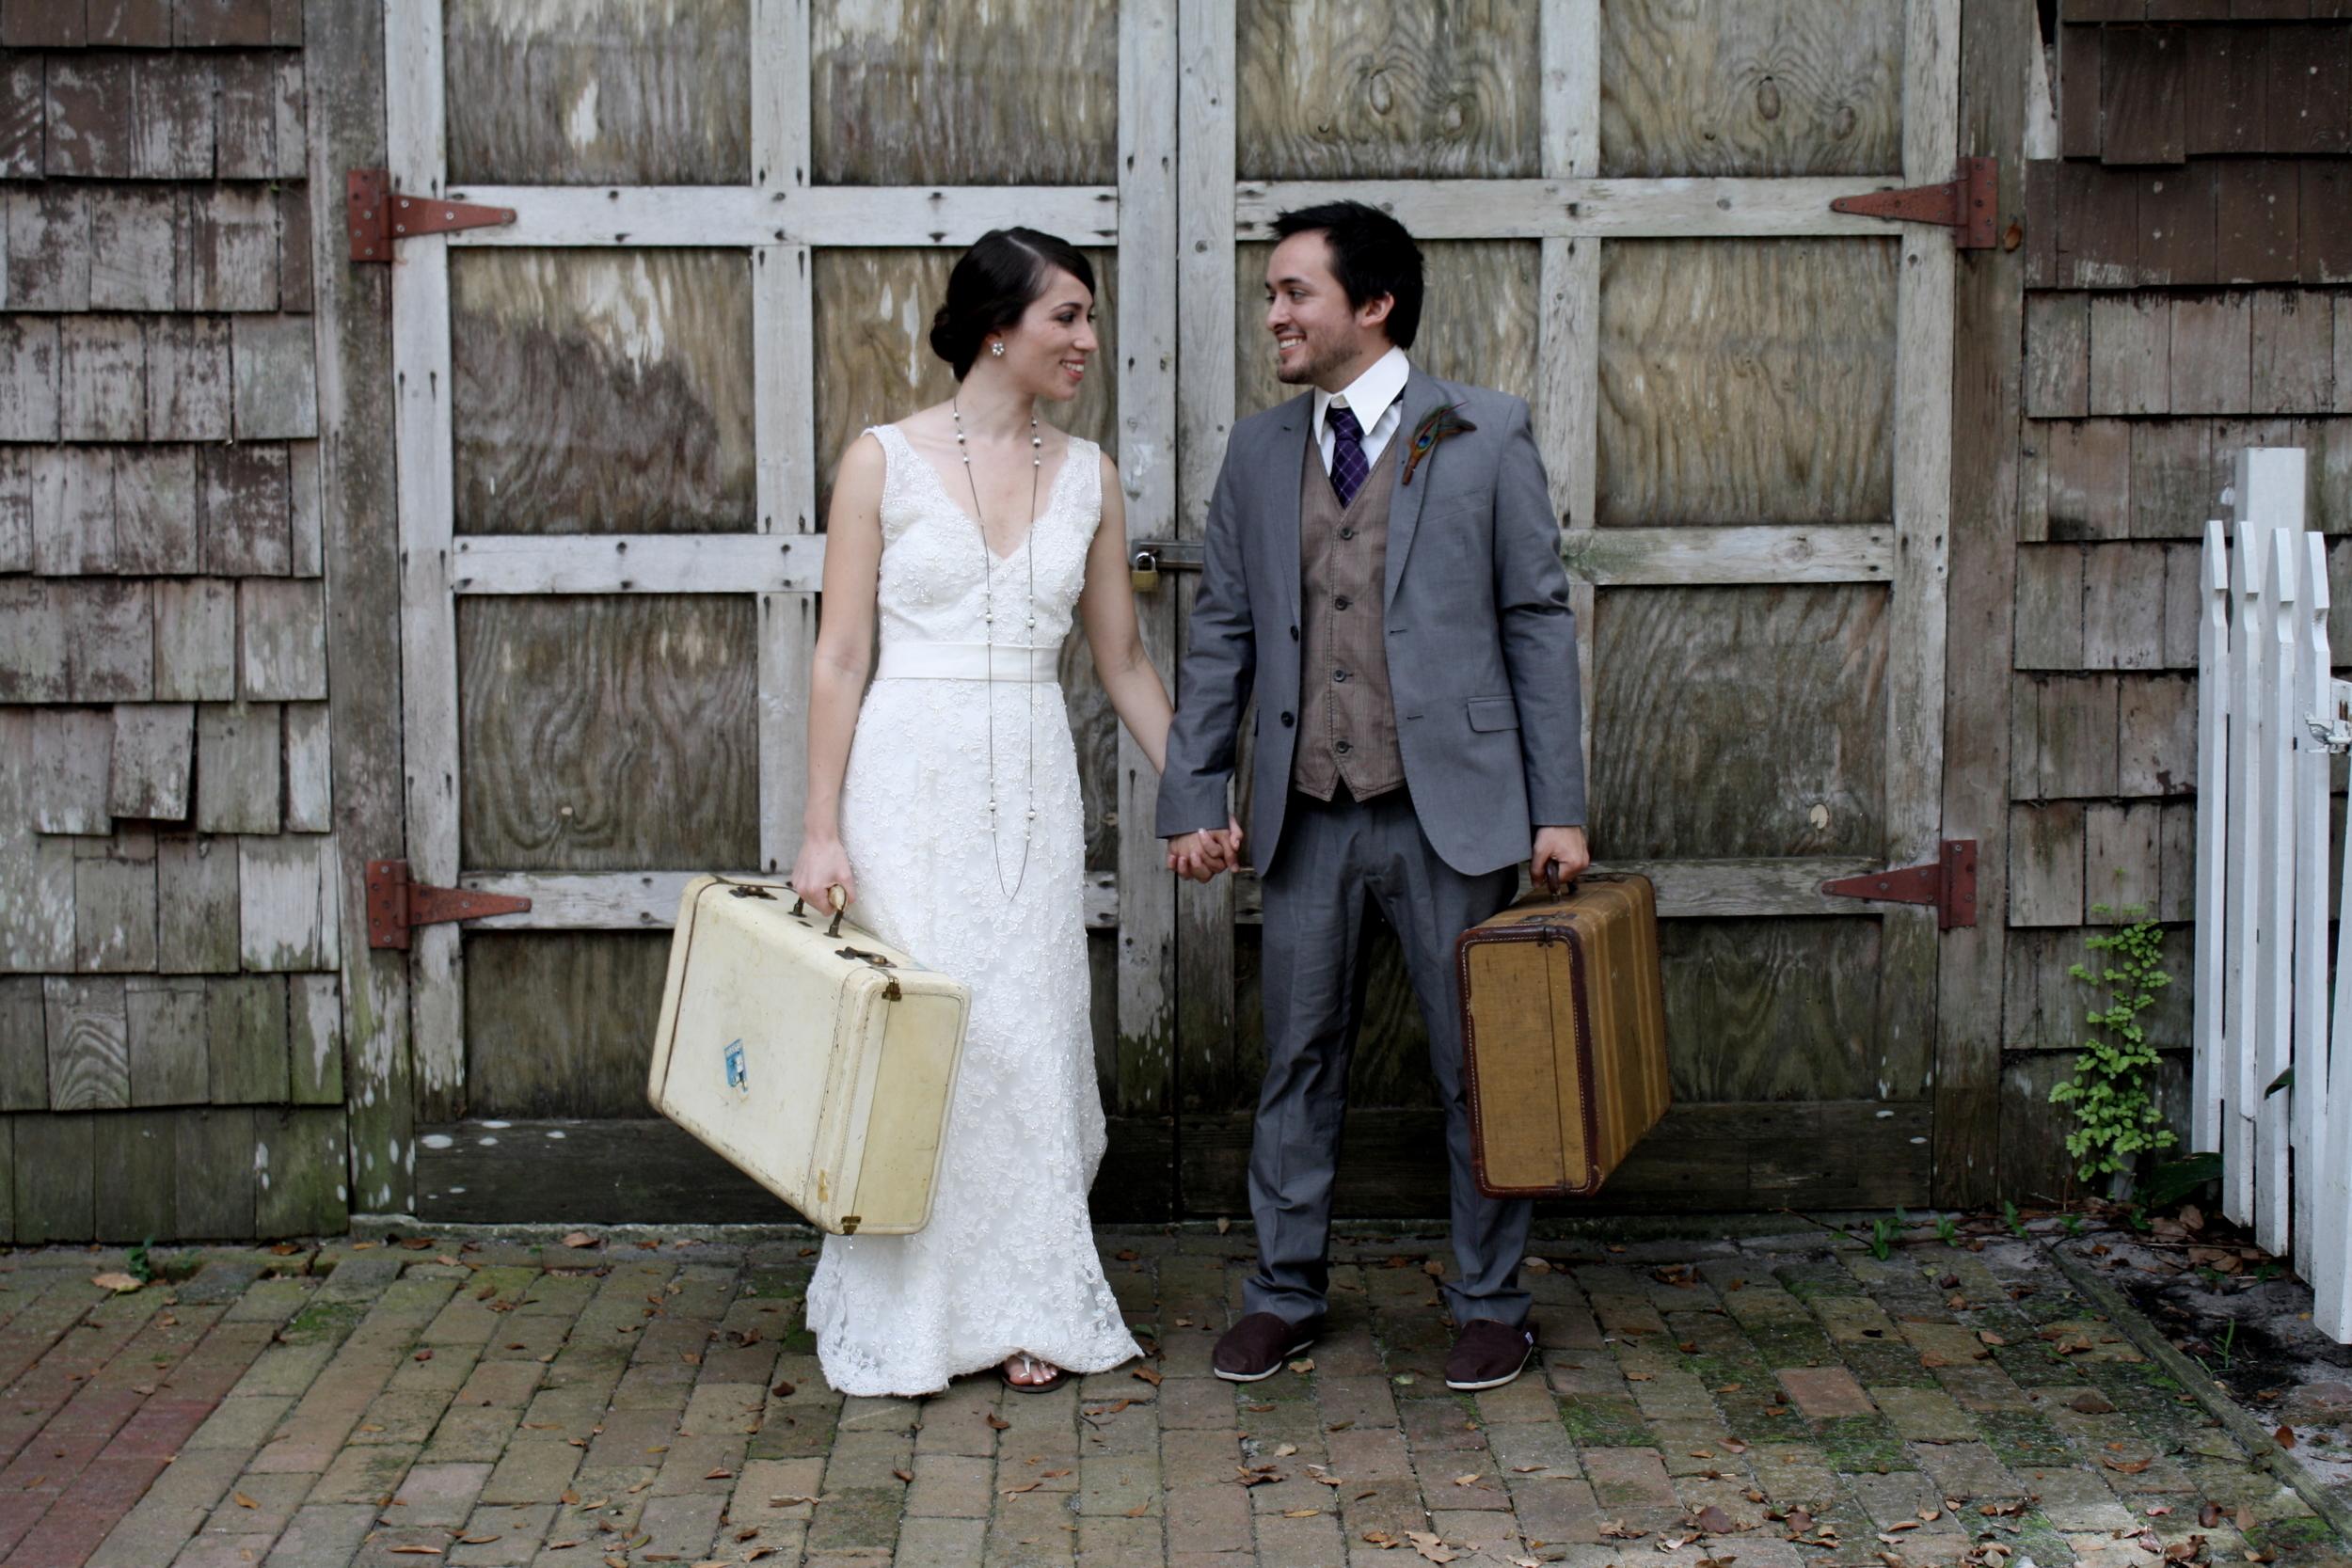 Wise+Wedding+065-1466495513-O.jpg